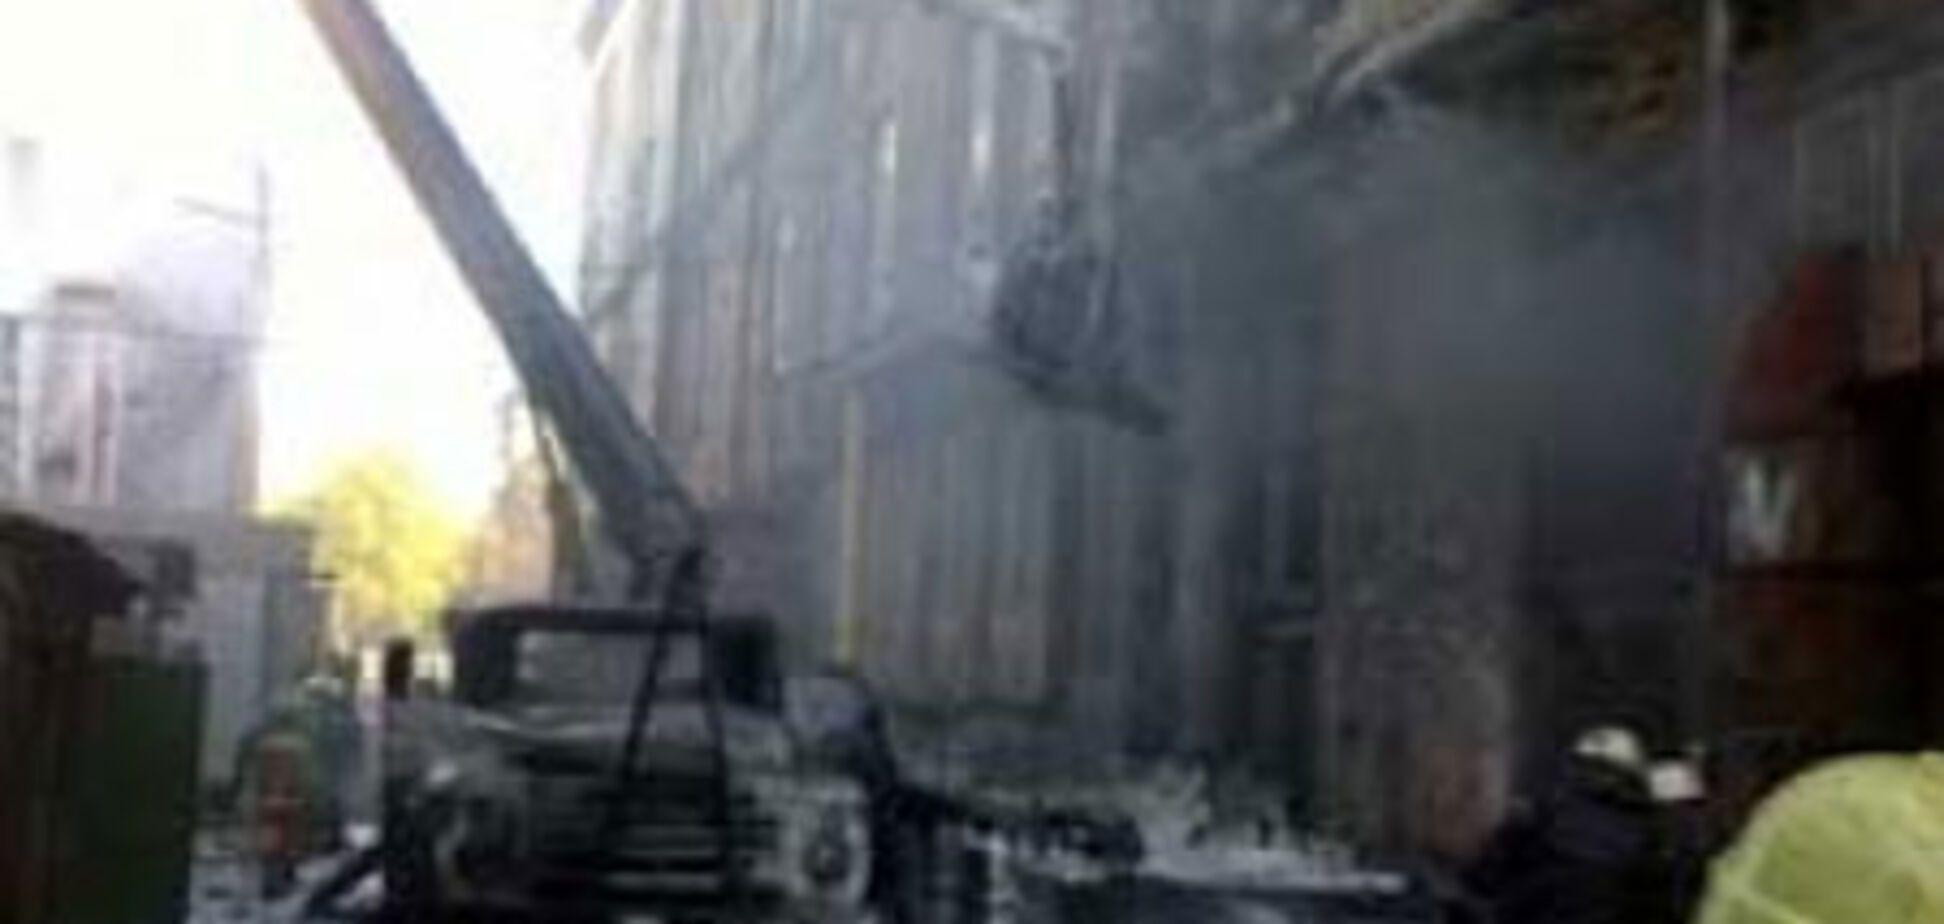 Організатори вибухів у Макіївці обіцяли нові теракти